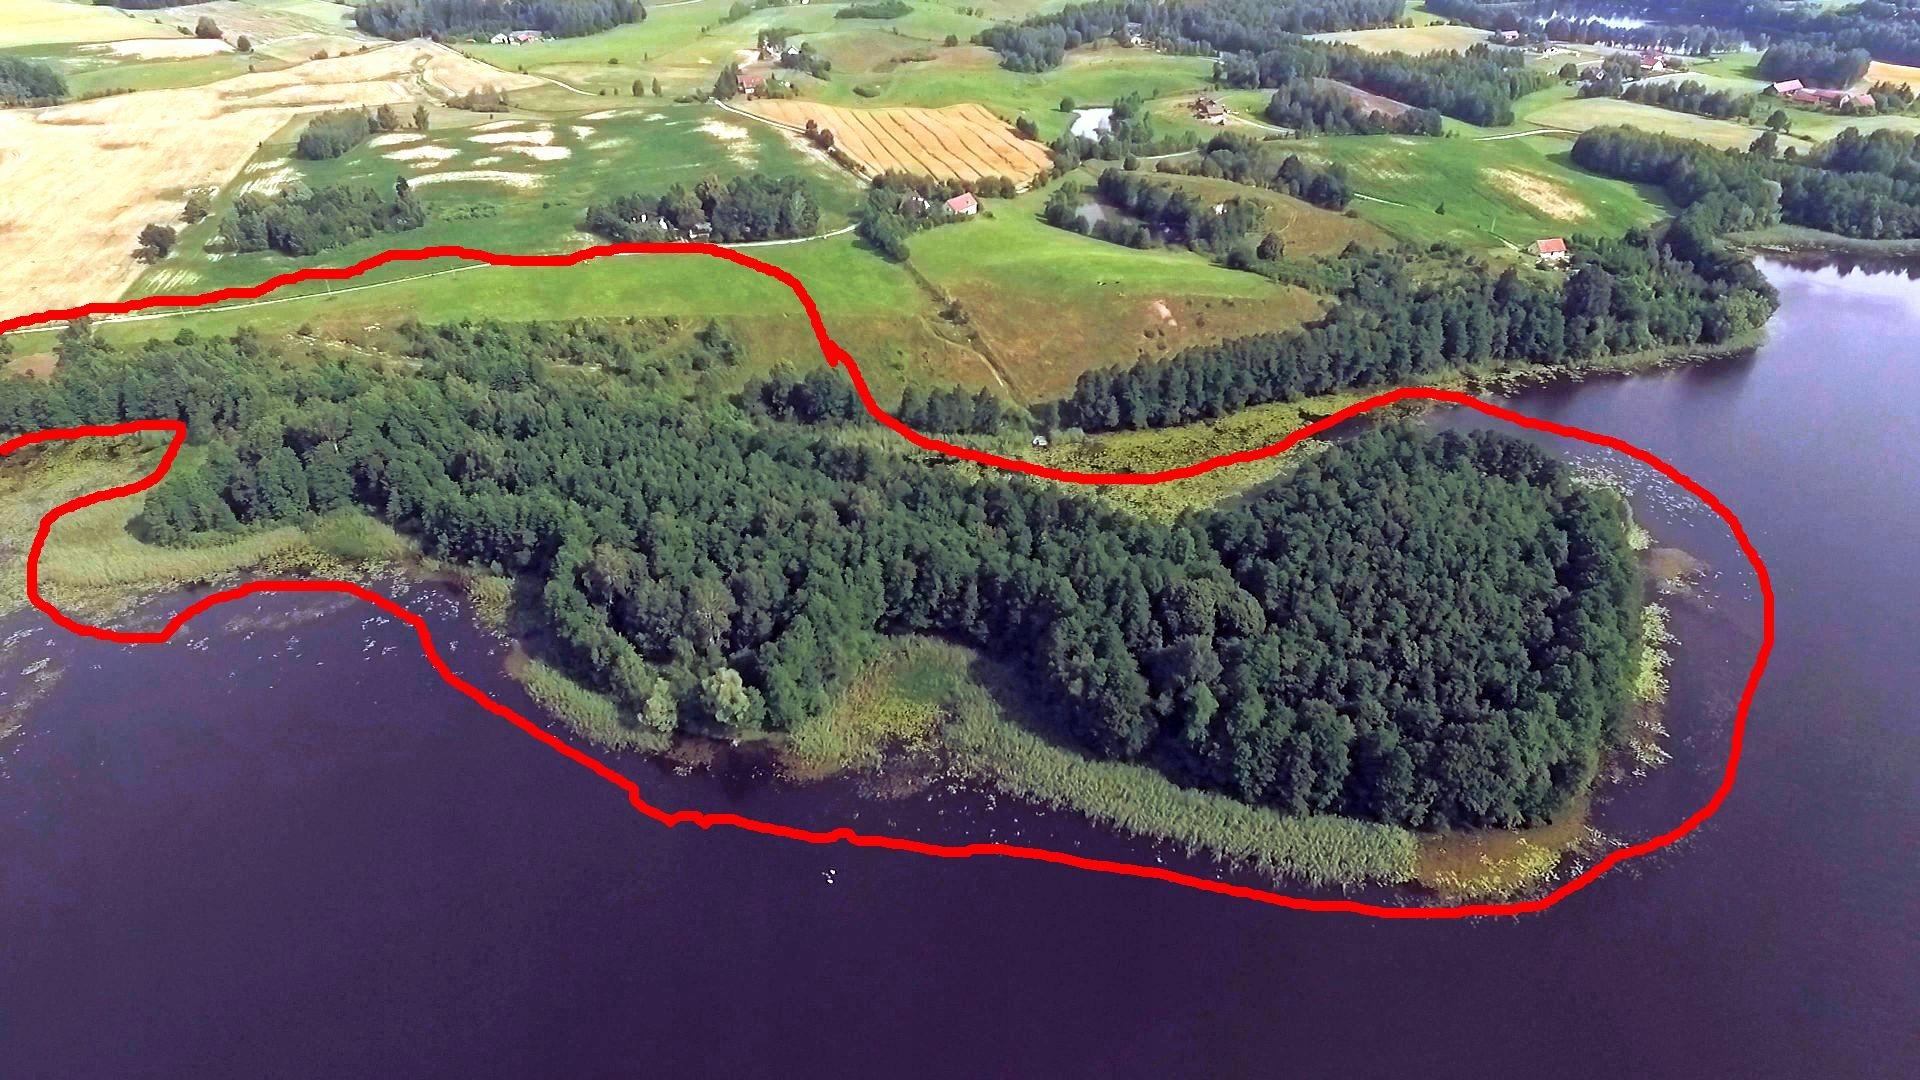 działka budowlana półwysep jezioro Karwie Mazury